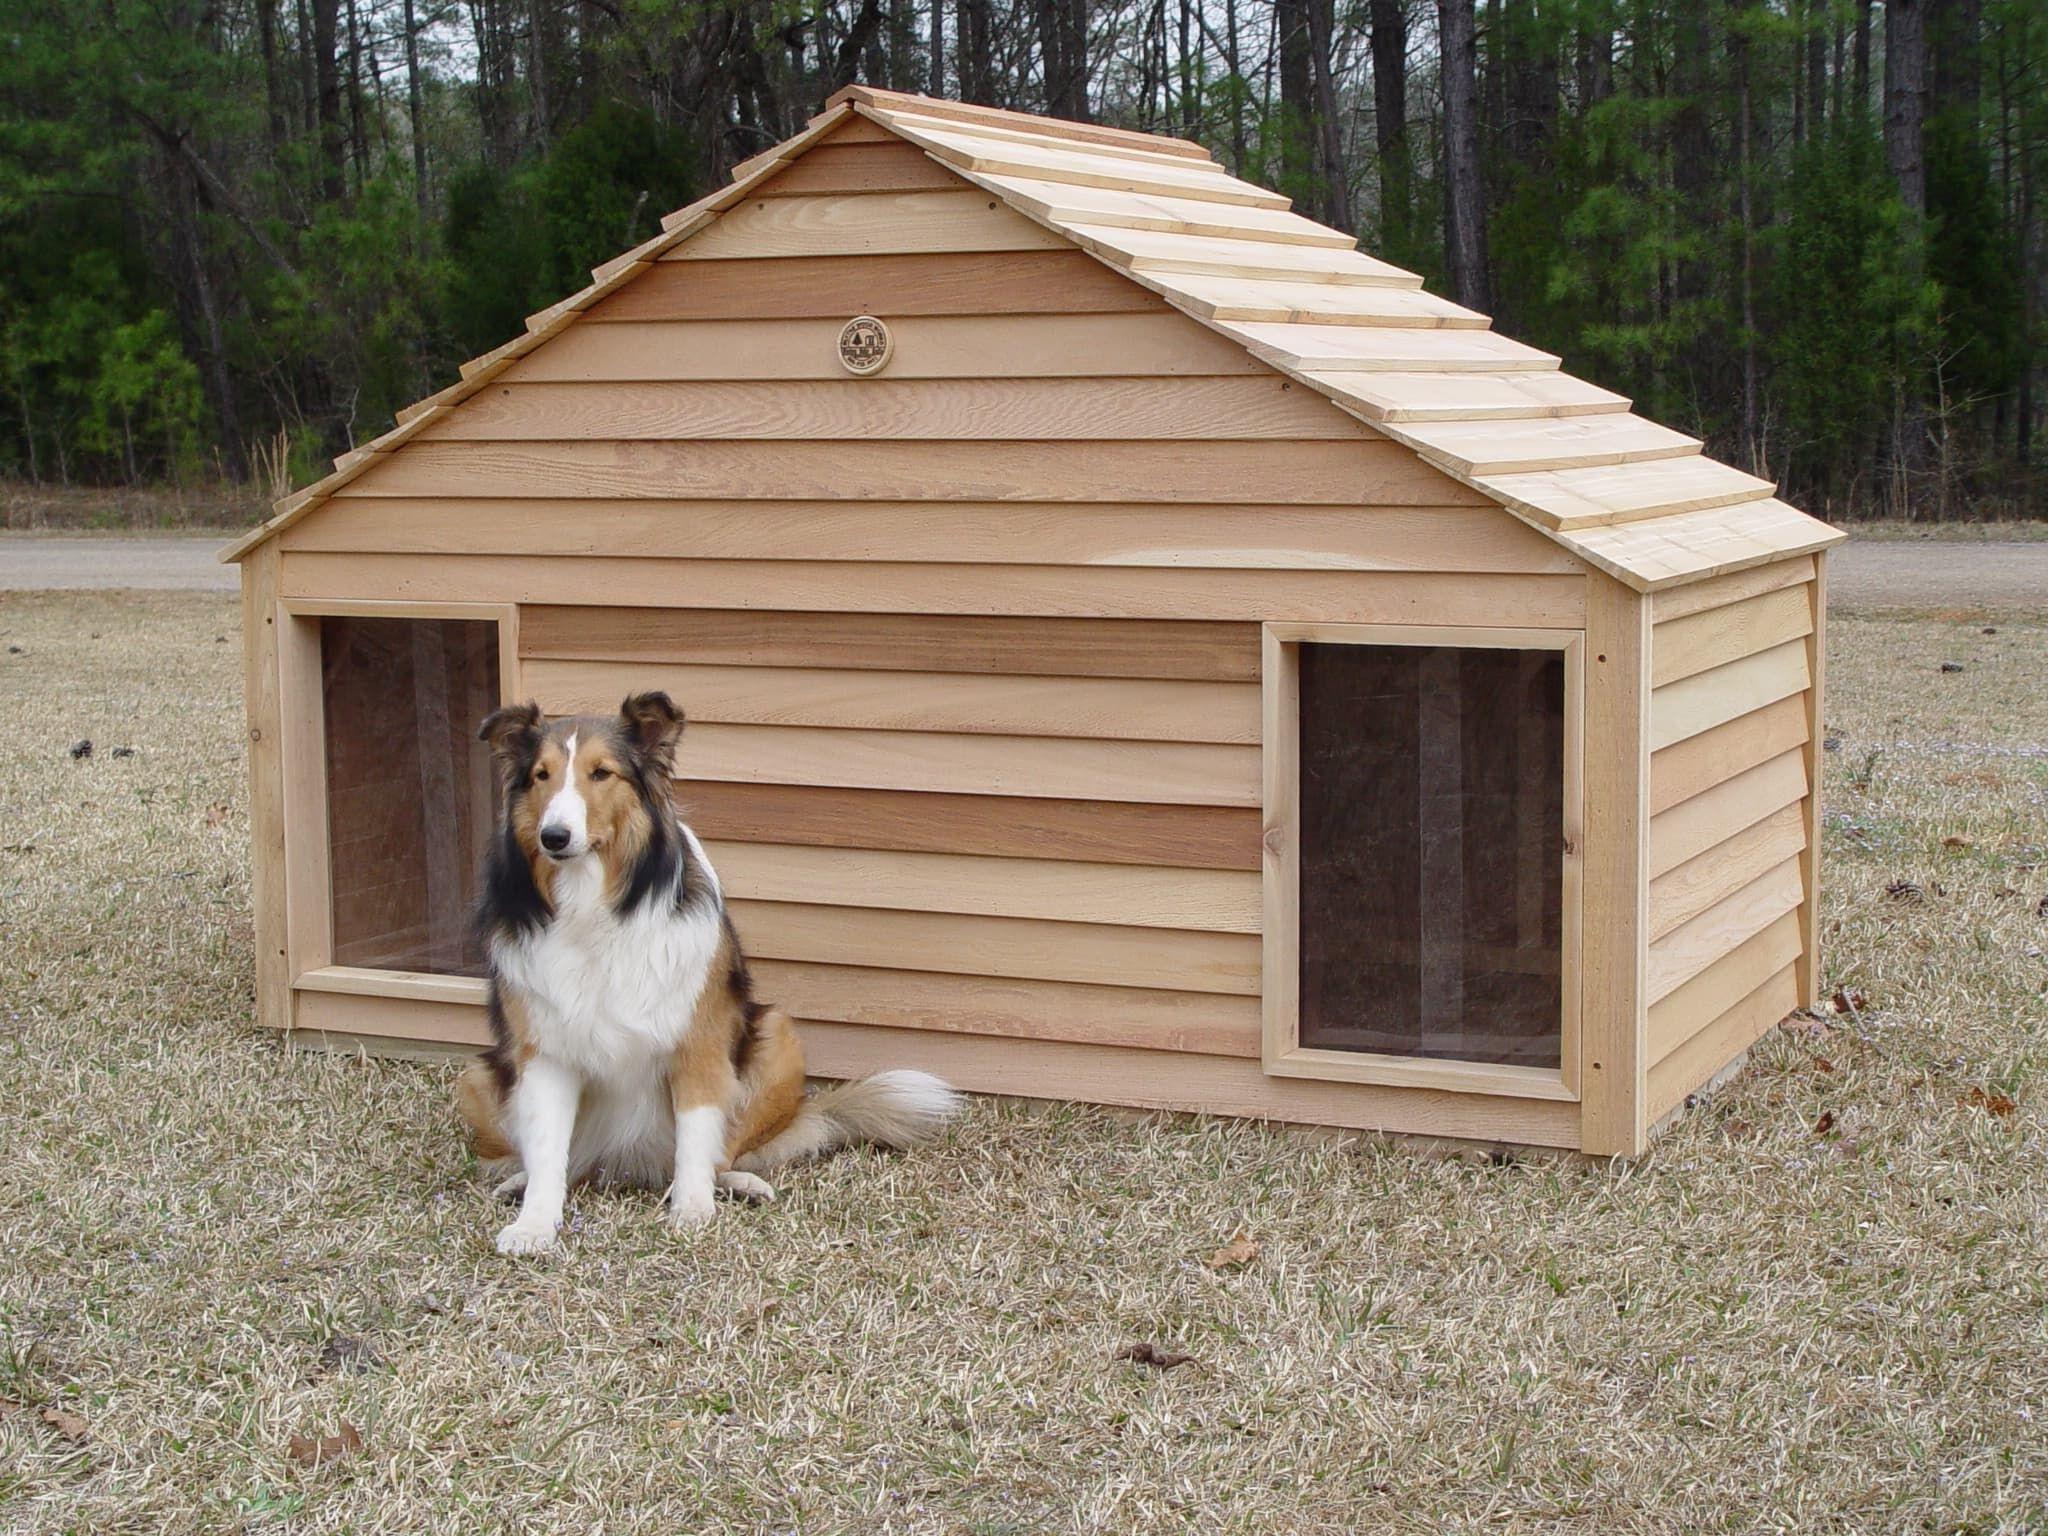 Large Duplex Two Door Dog House Custom Cedar Dog House Outdoor Dog House Double Dog House Dog Kennel Outdoor